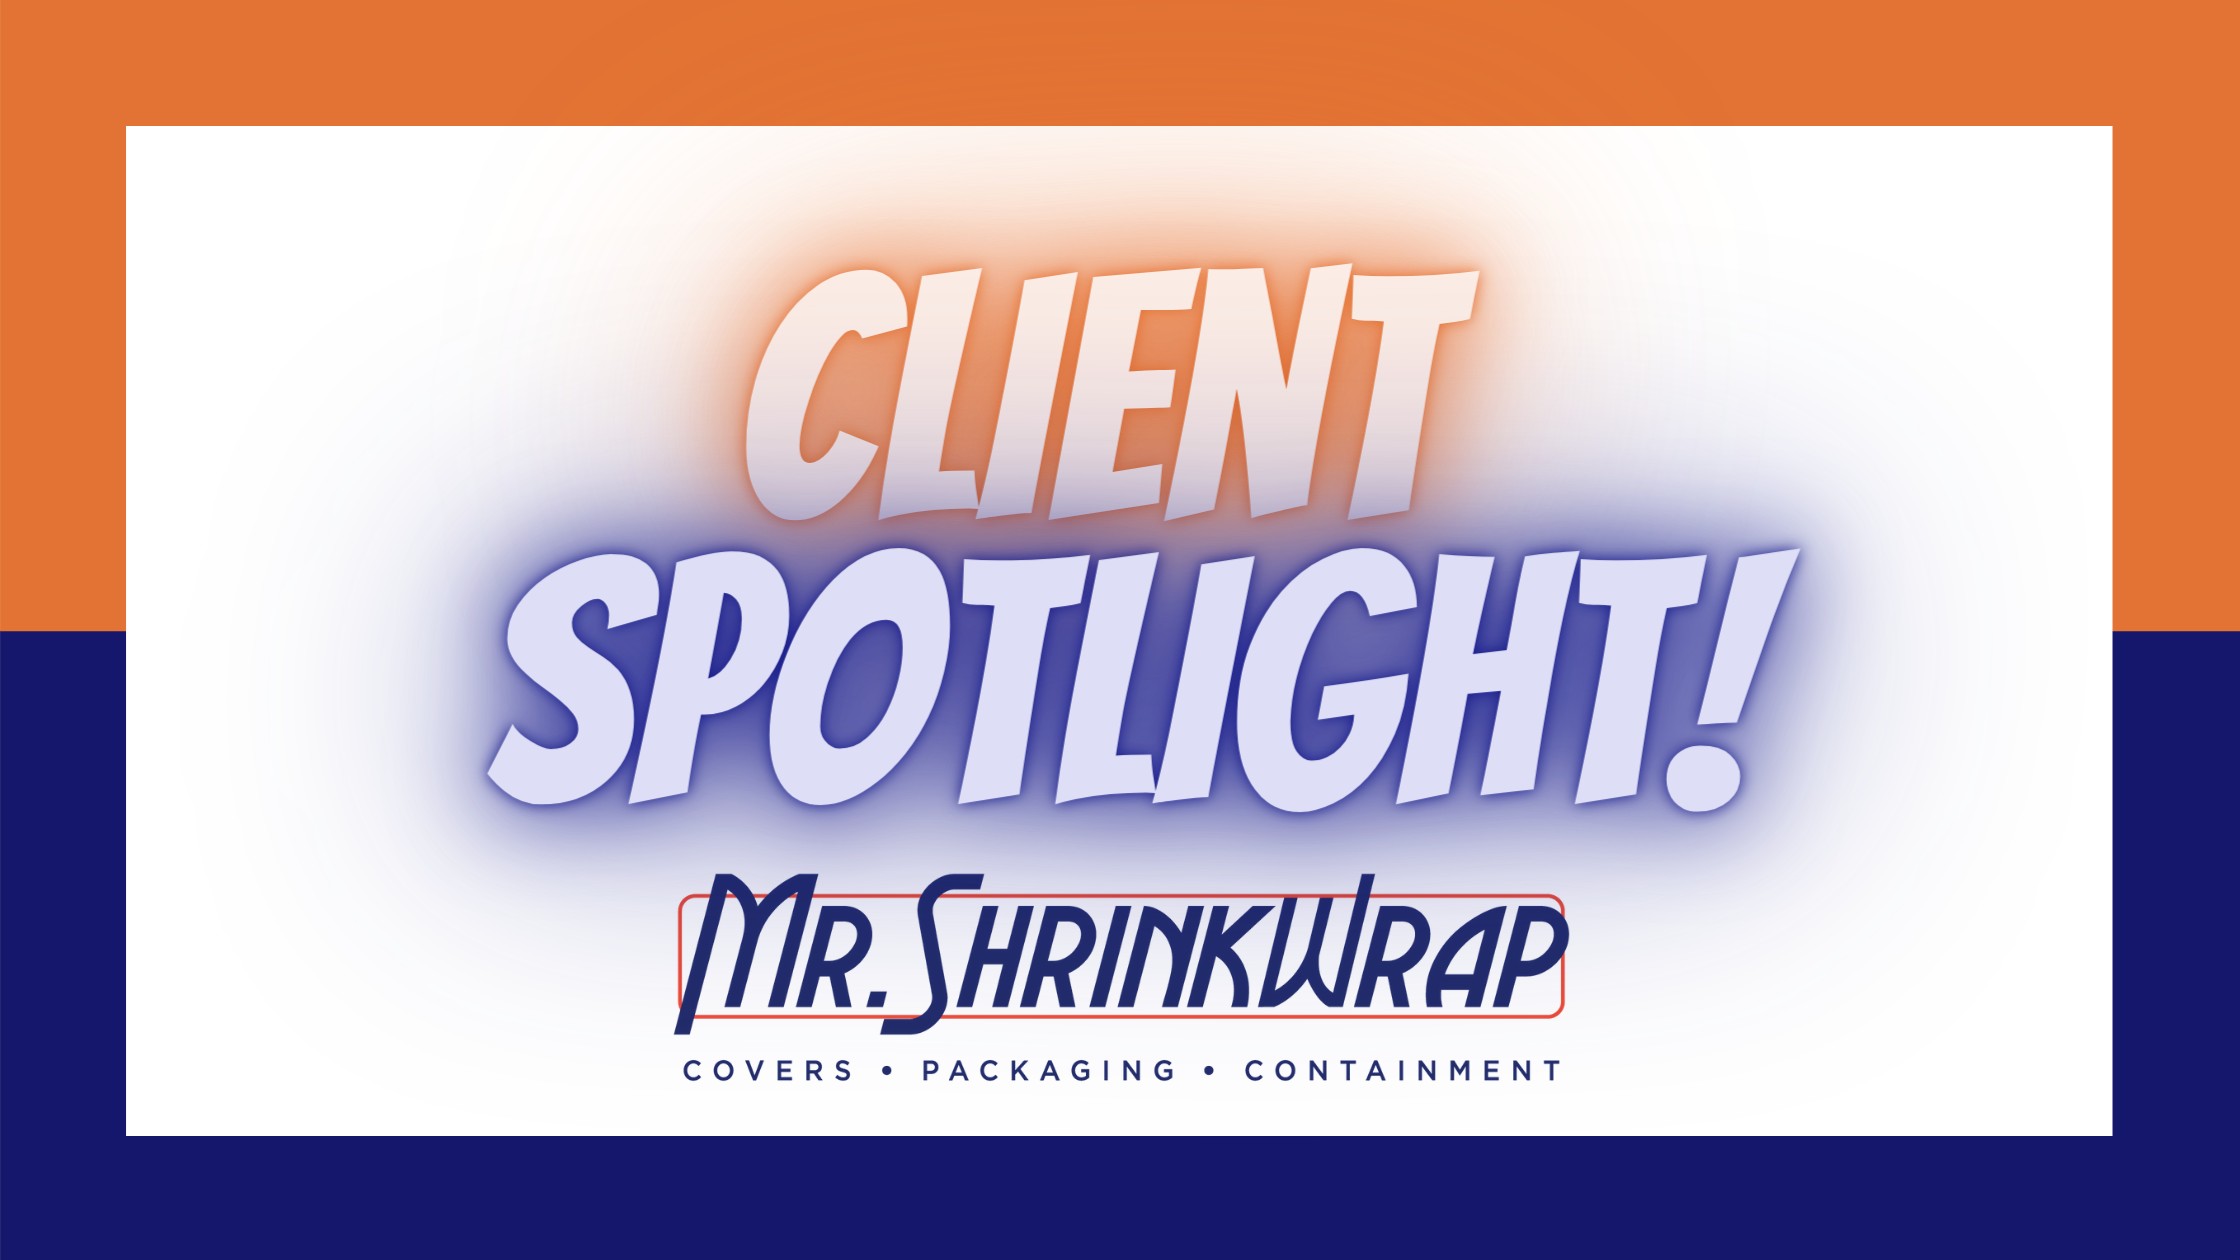 Client Spotlight!